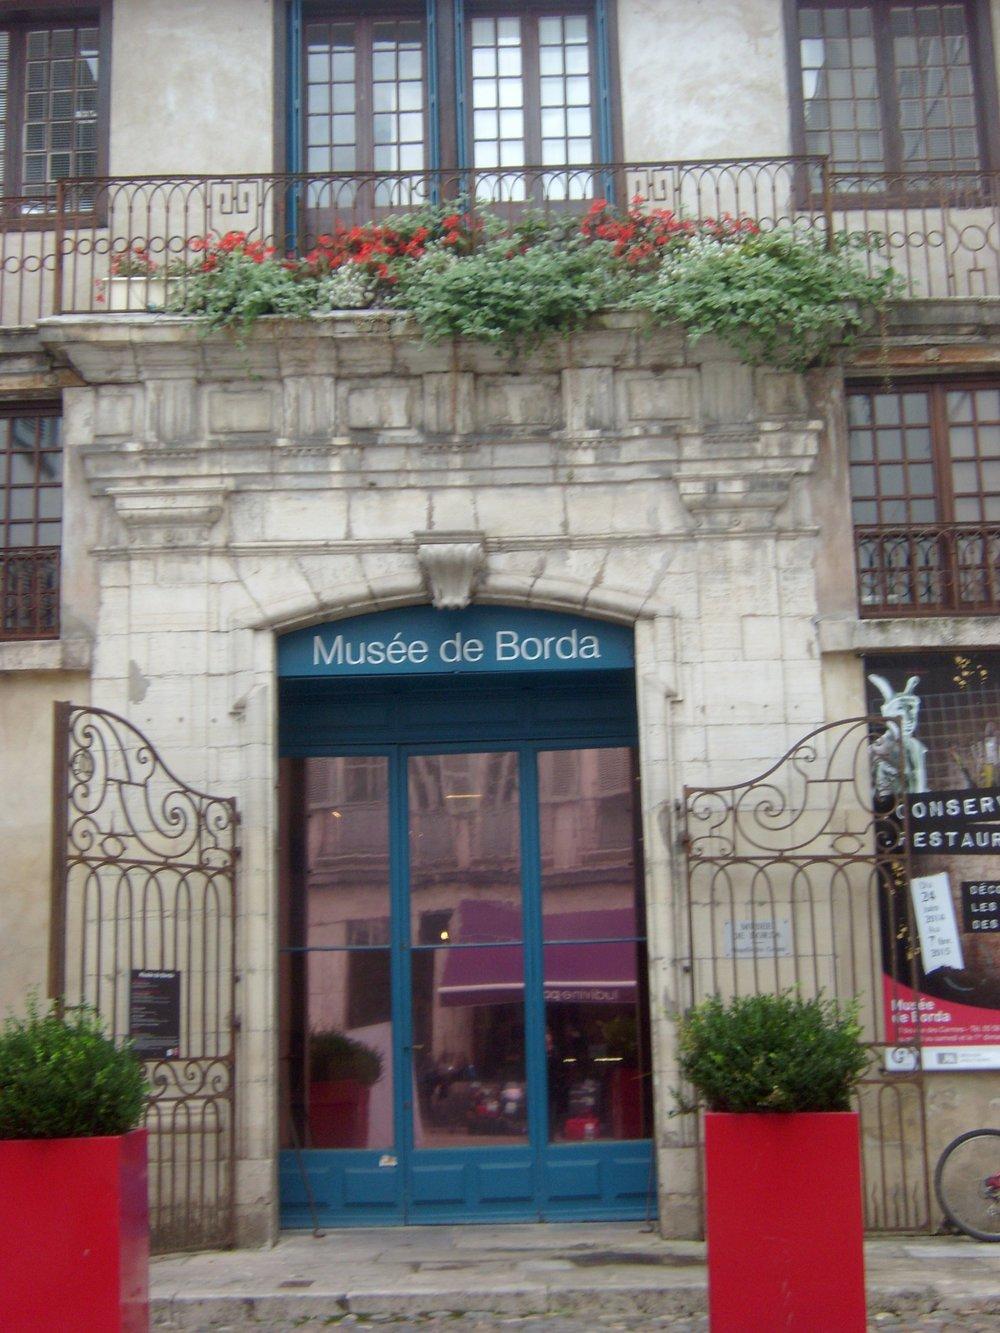 Musée de Borda